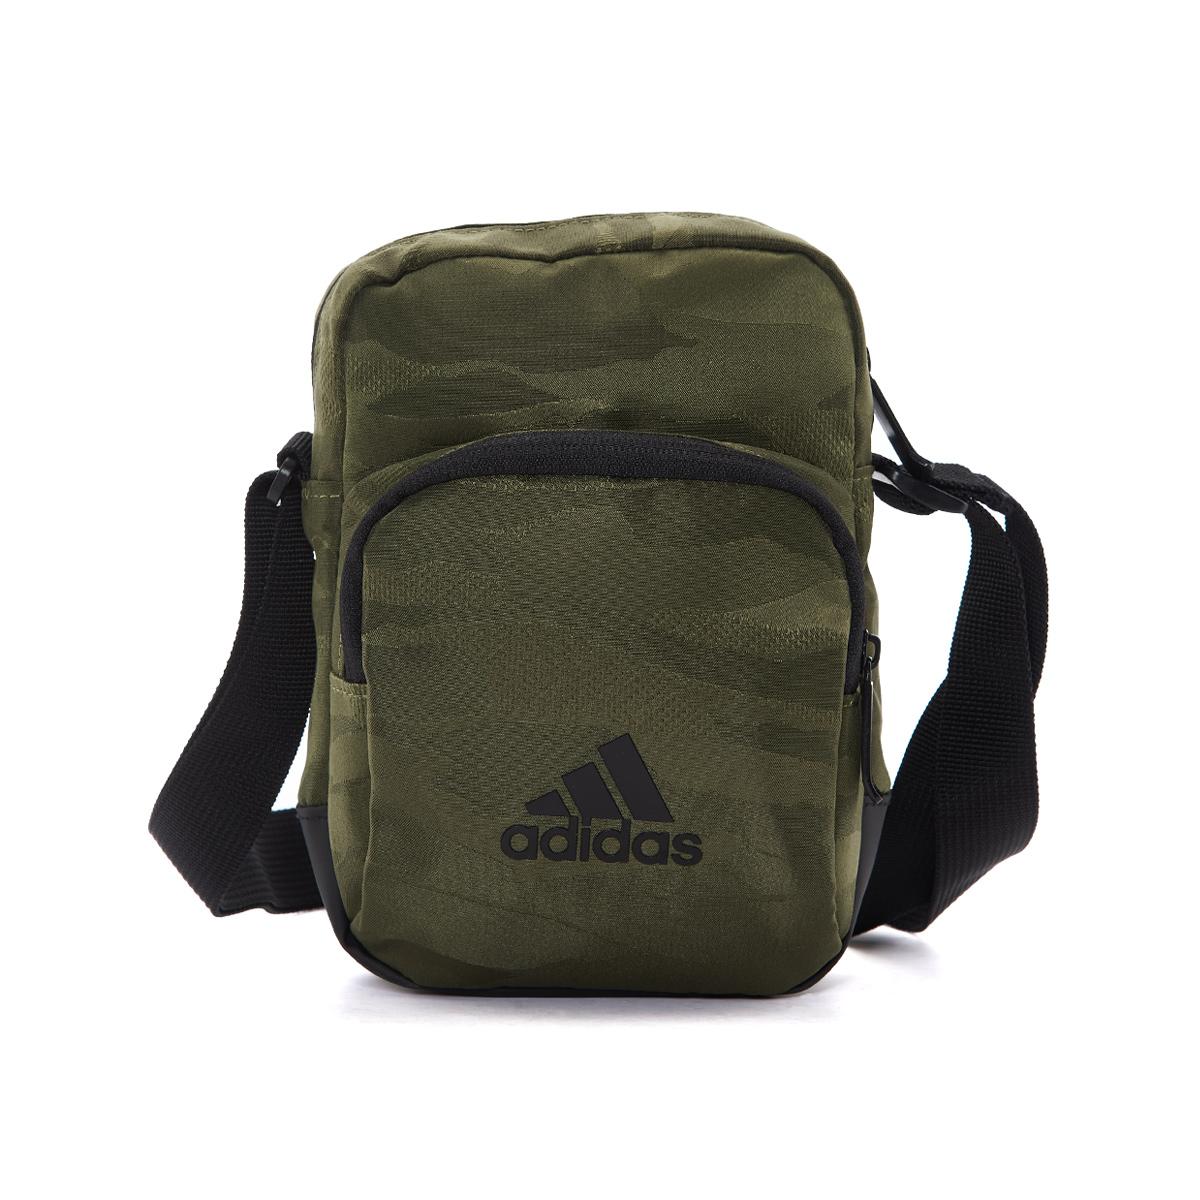 阿迪达斯单肩包 Adidas 男女款迷彩单肩斜挎包小包EK1334_推荐淘宝好看的女阿迪达斯单肩包